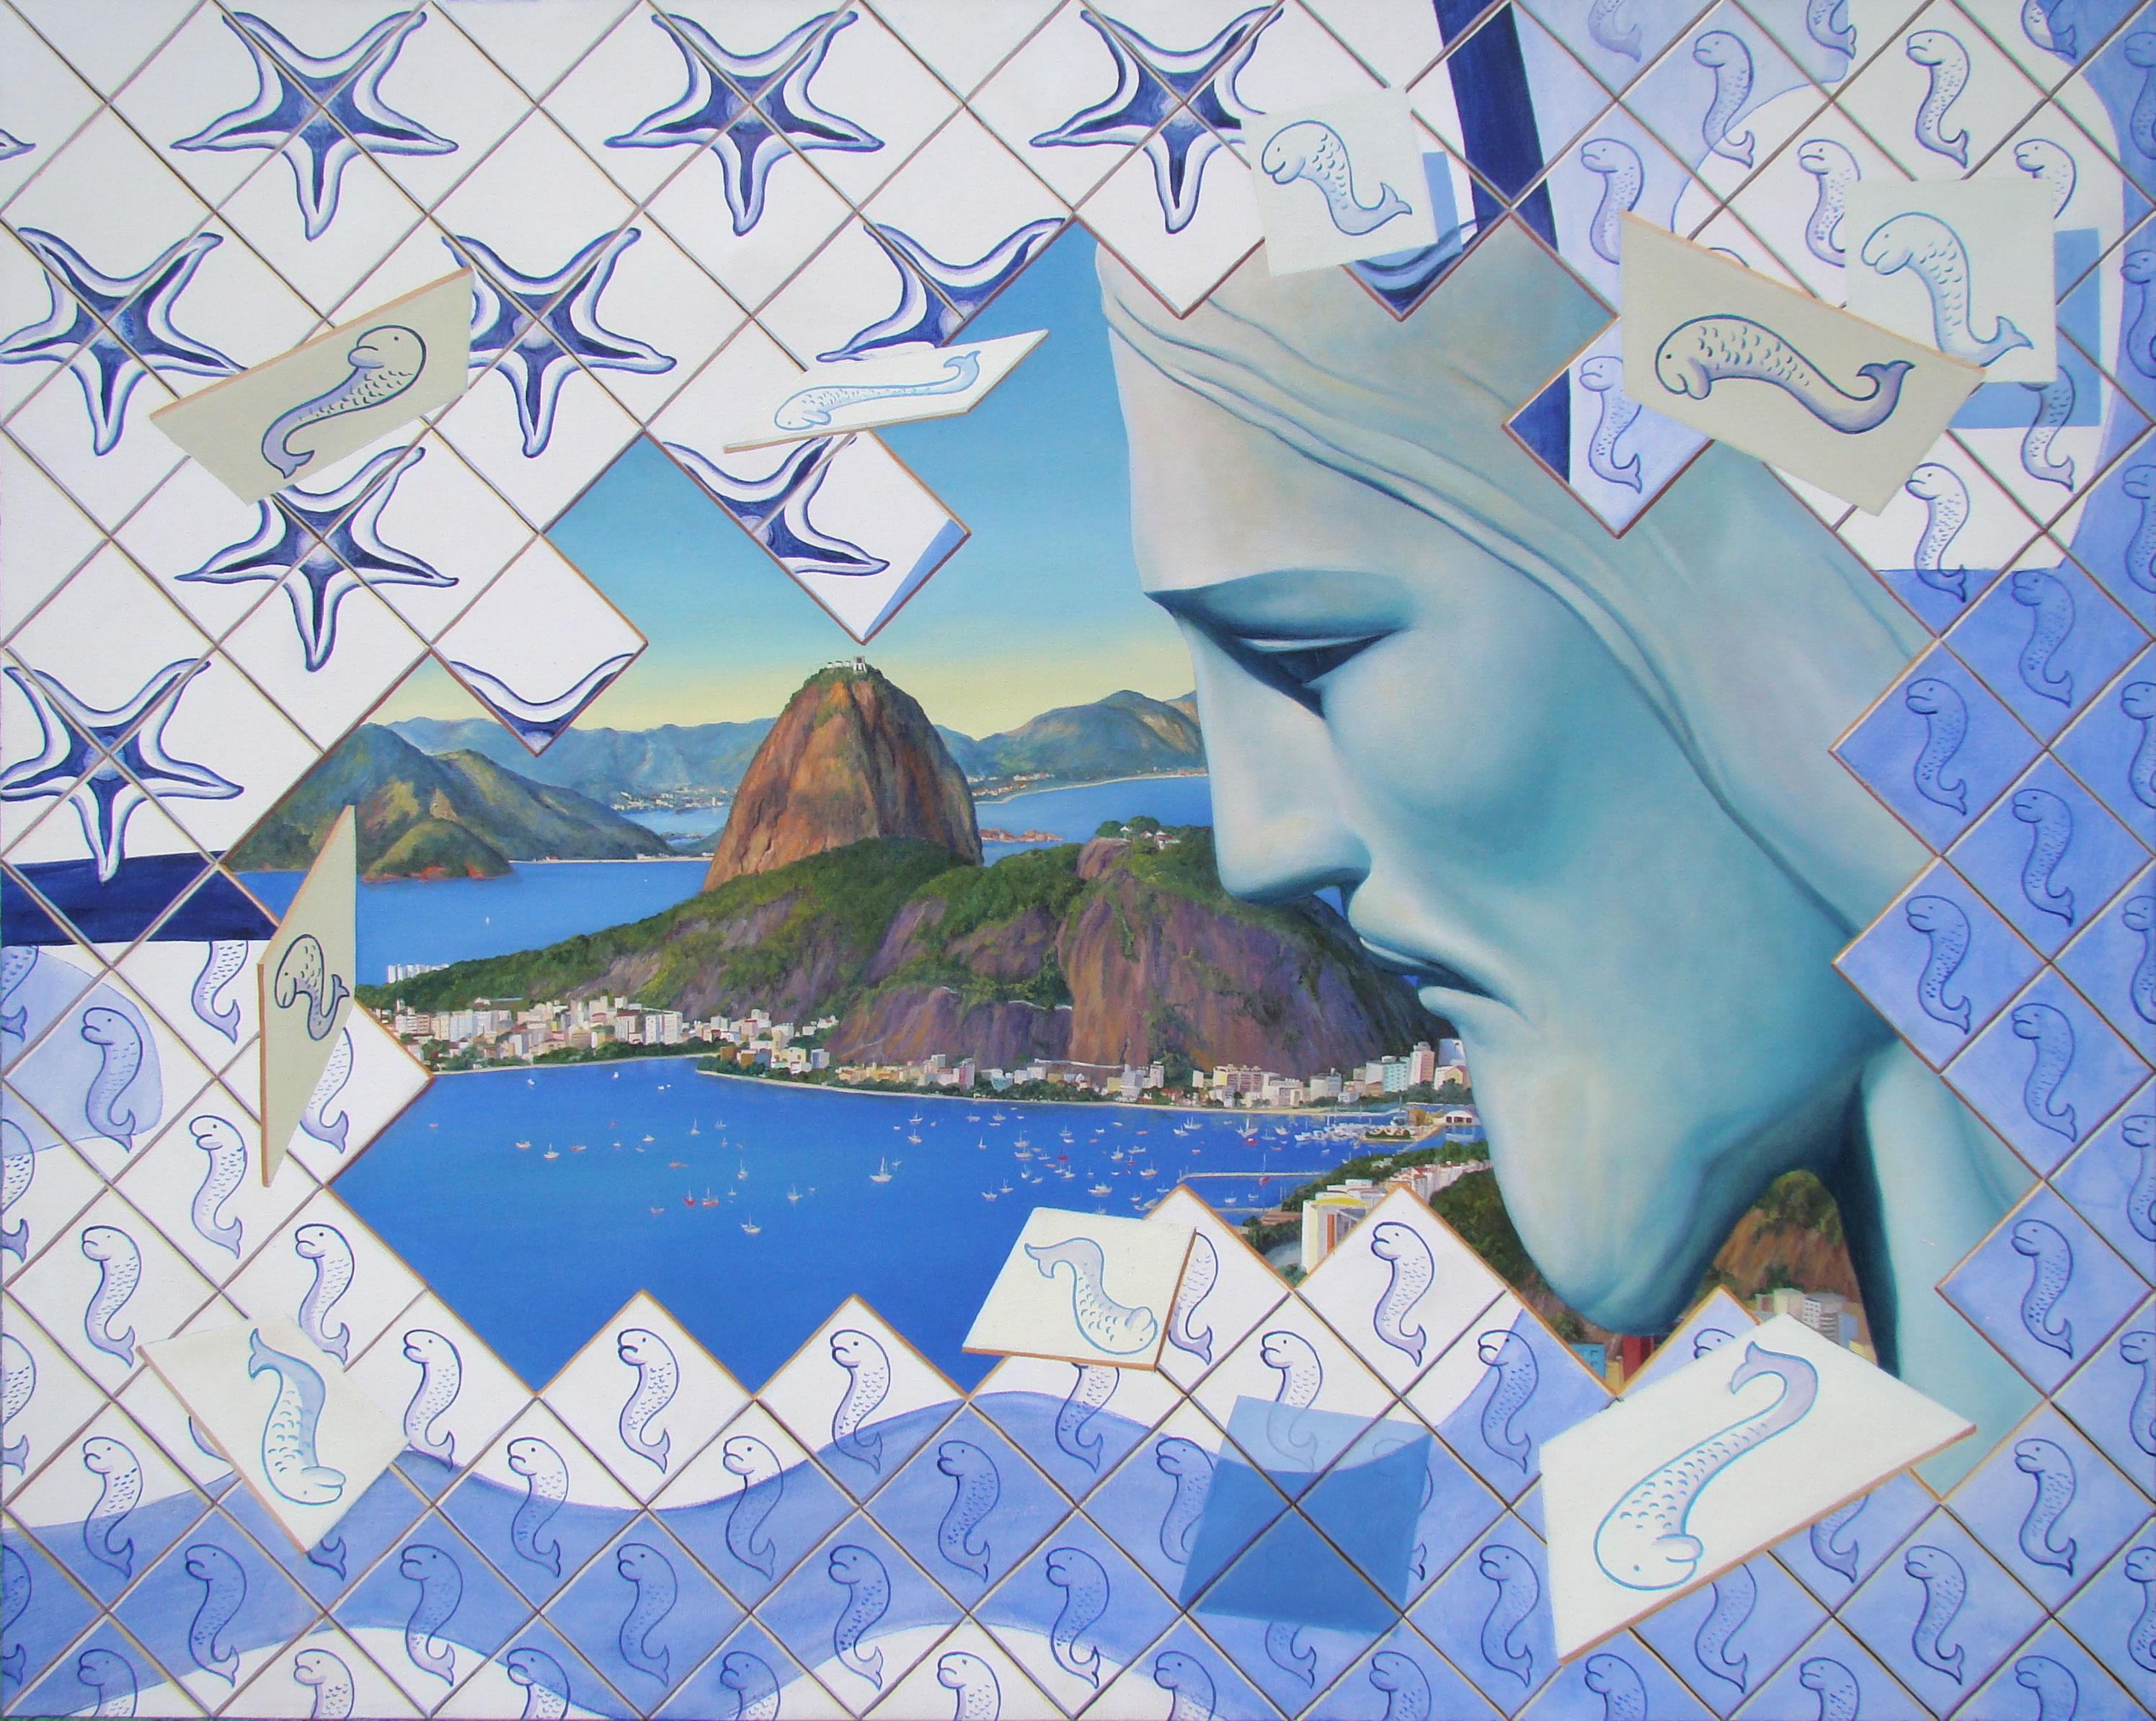 Pedro Guedes (Brasil, MG, 1960)Rio de Janeiro 2012, ostcm, 80 x 100c,